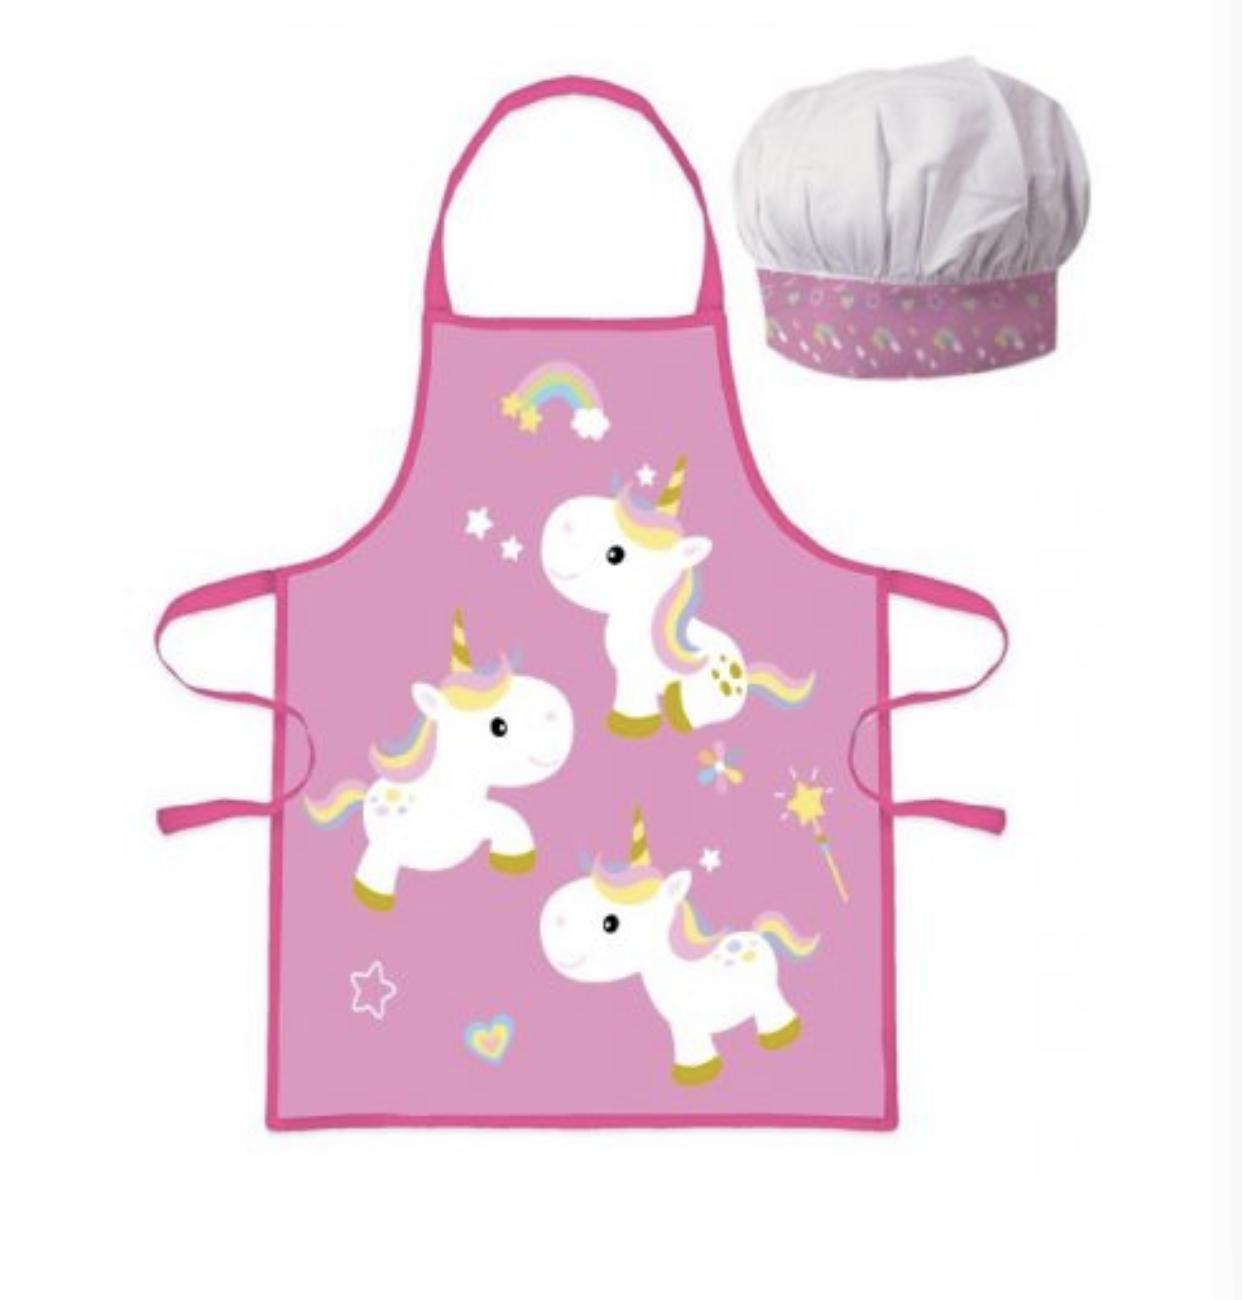 Unicorn förkläde med kockmössa